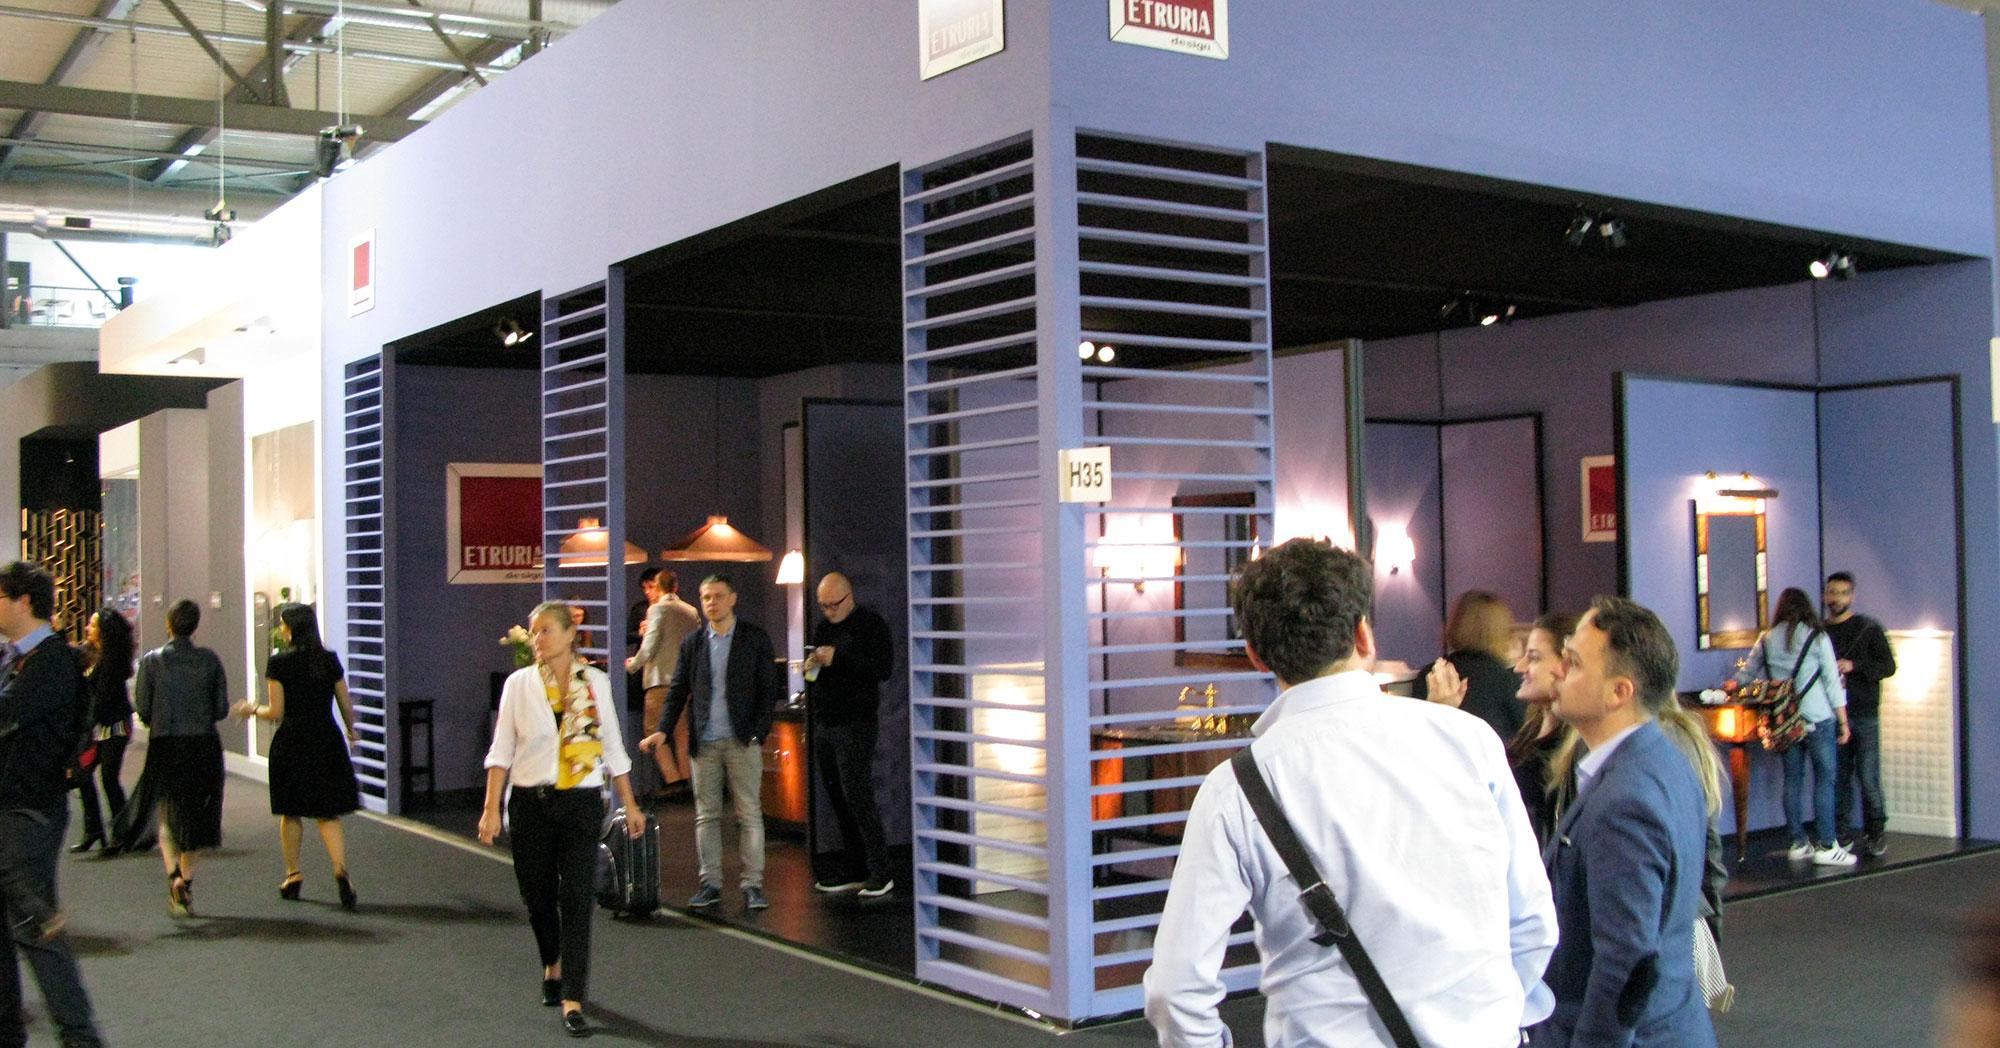 Salone del mobile milan etruria design for Fiera del mobile a bergamo